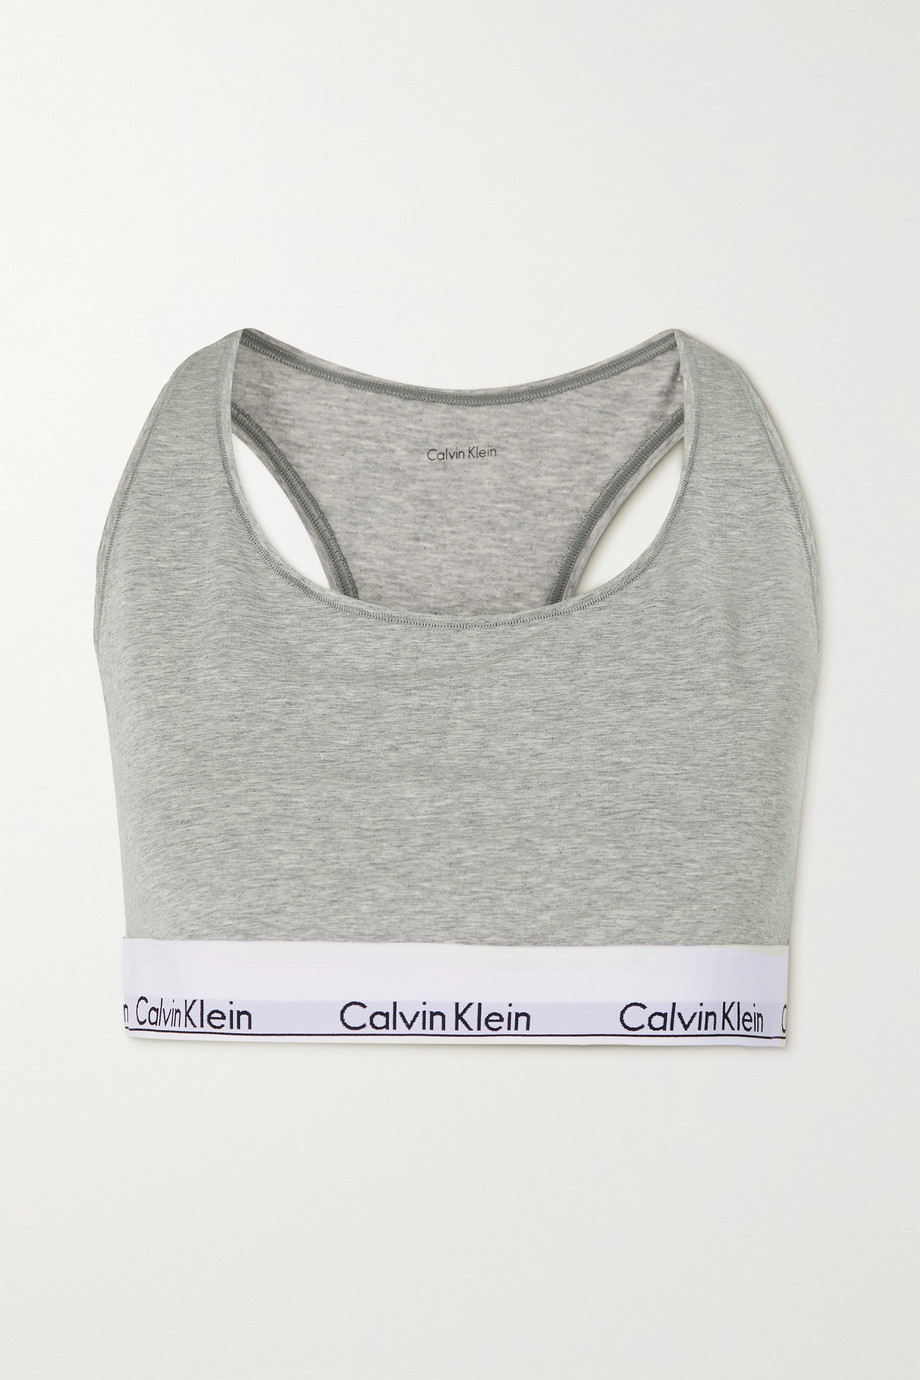 Calvin Klein Underwear DD+ Modern Cotton stretch cotton and modal-blend bralette